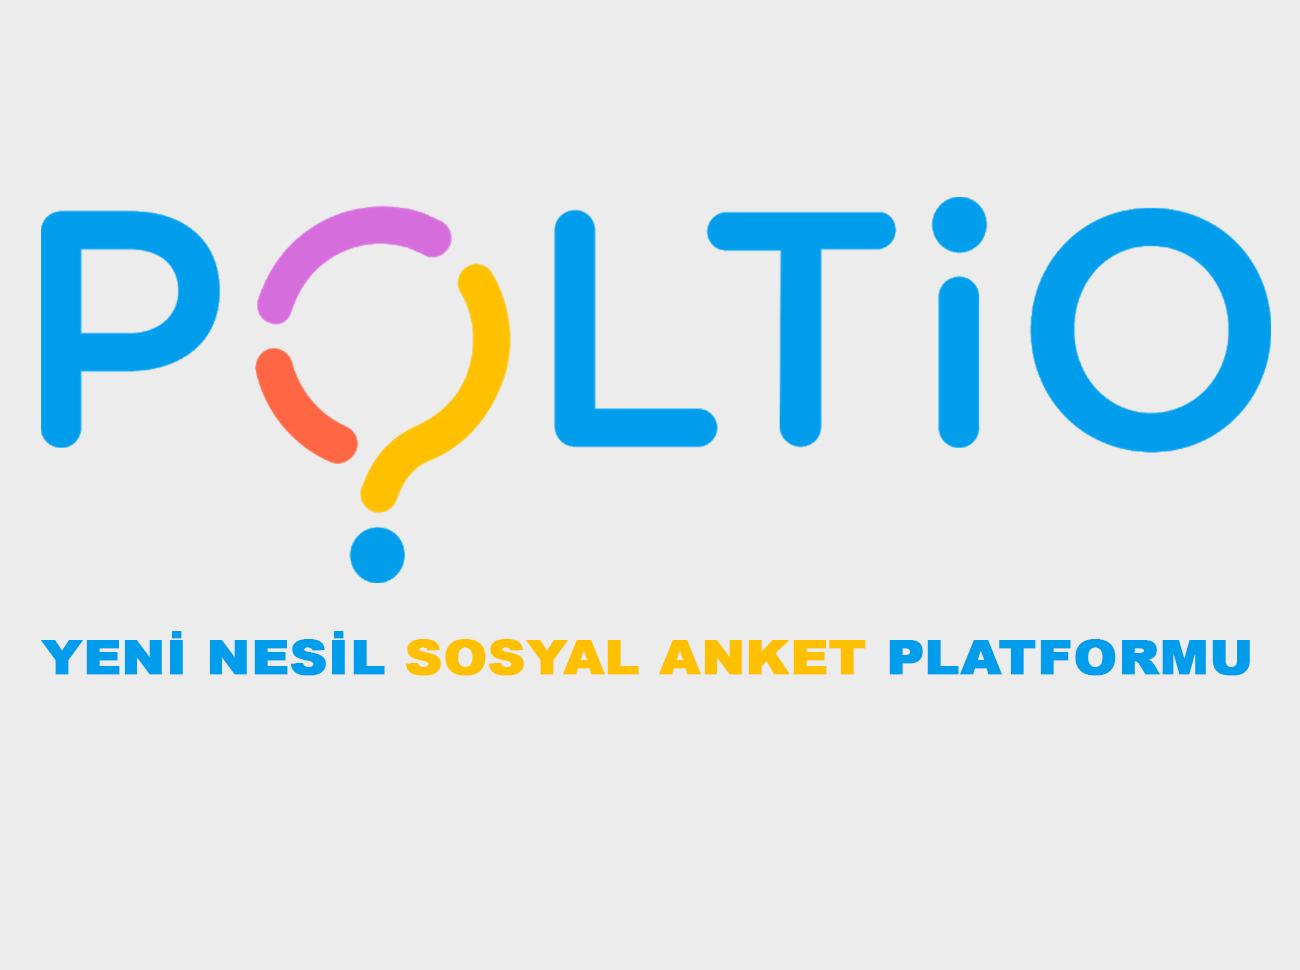 Yeni Nesil Sosyal Anket Platformu: Poltio